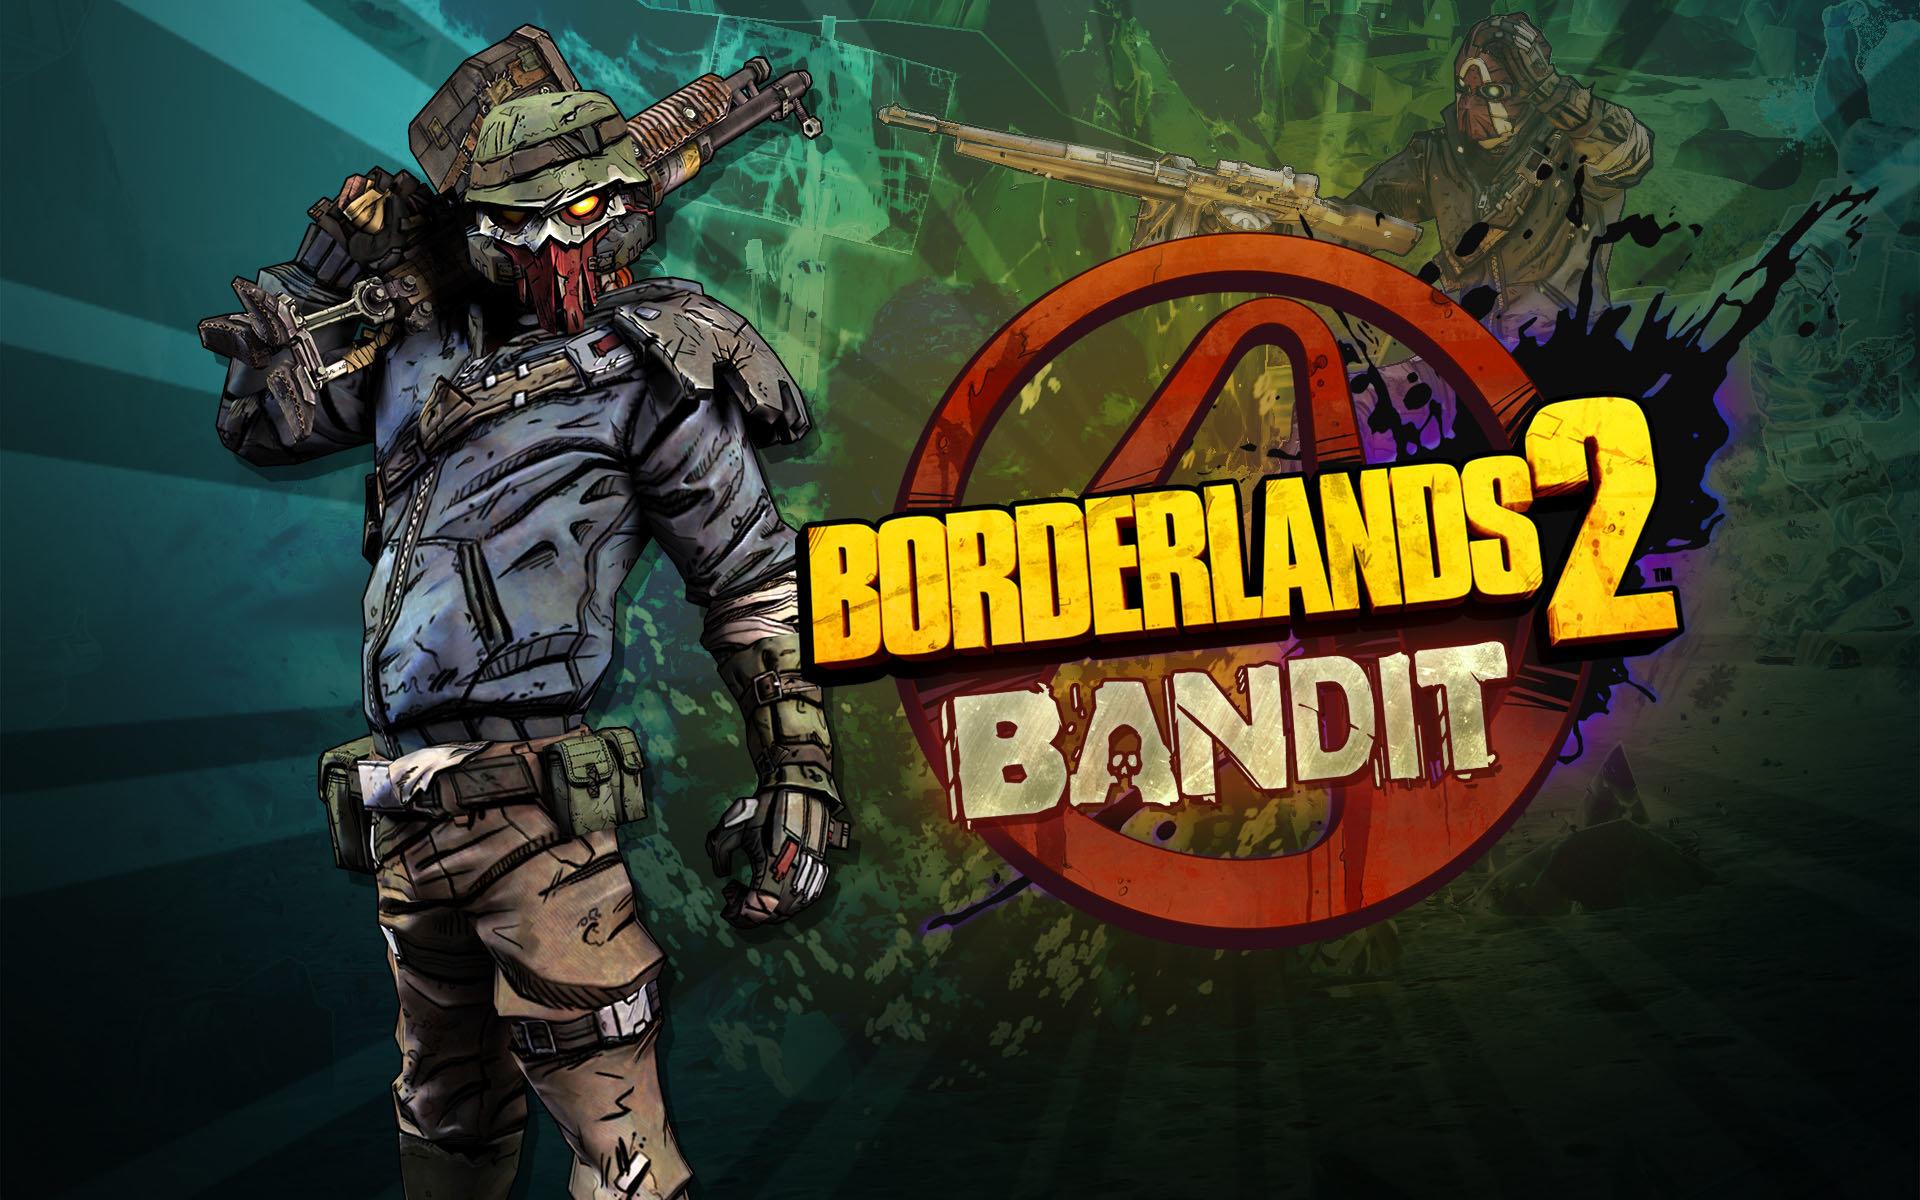 borderlands 2 wallpapers hd for desktop backgrounds